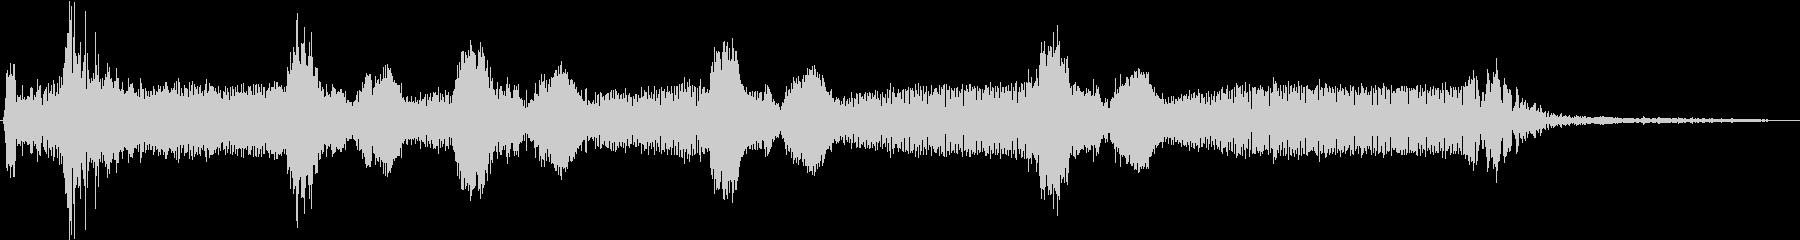 スクールバス:Int:スタート、R...の未再生の波形